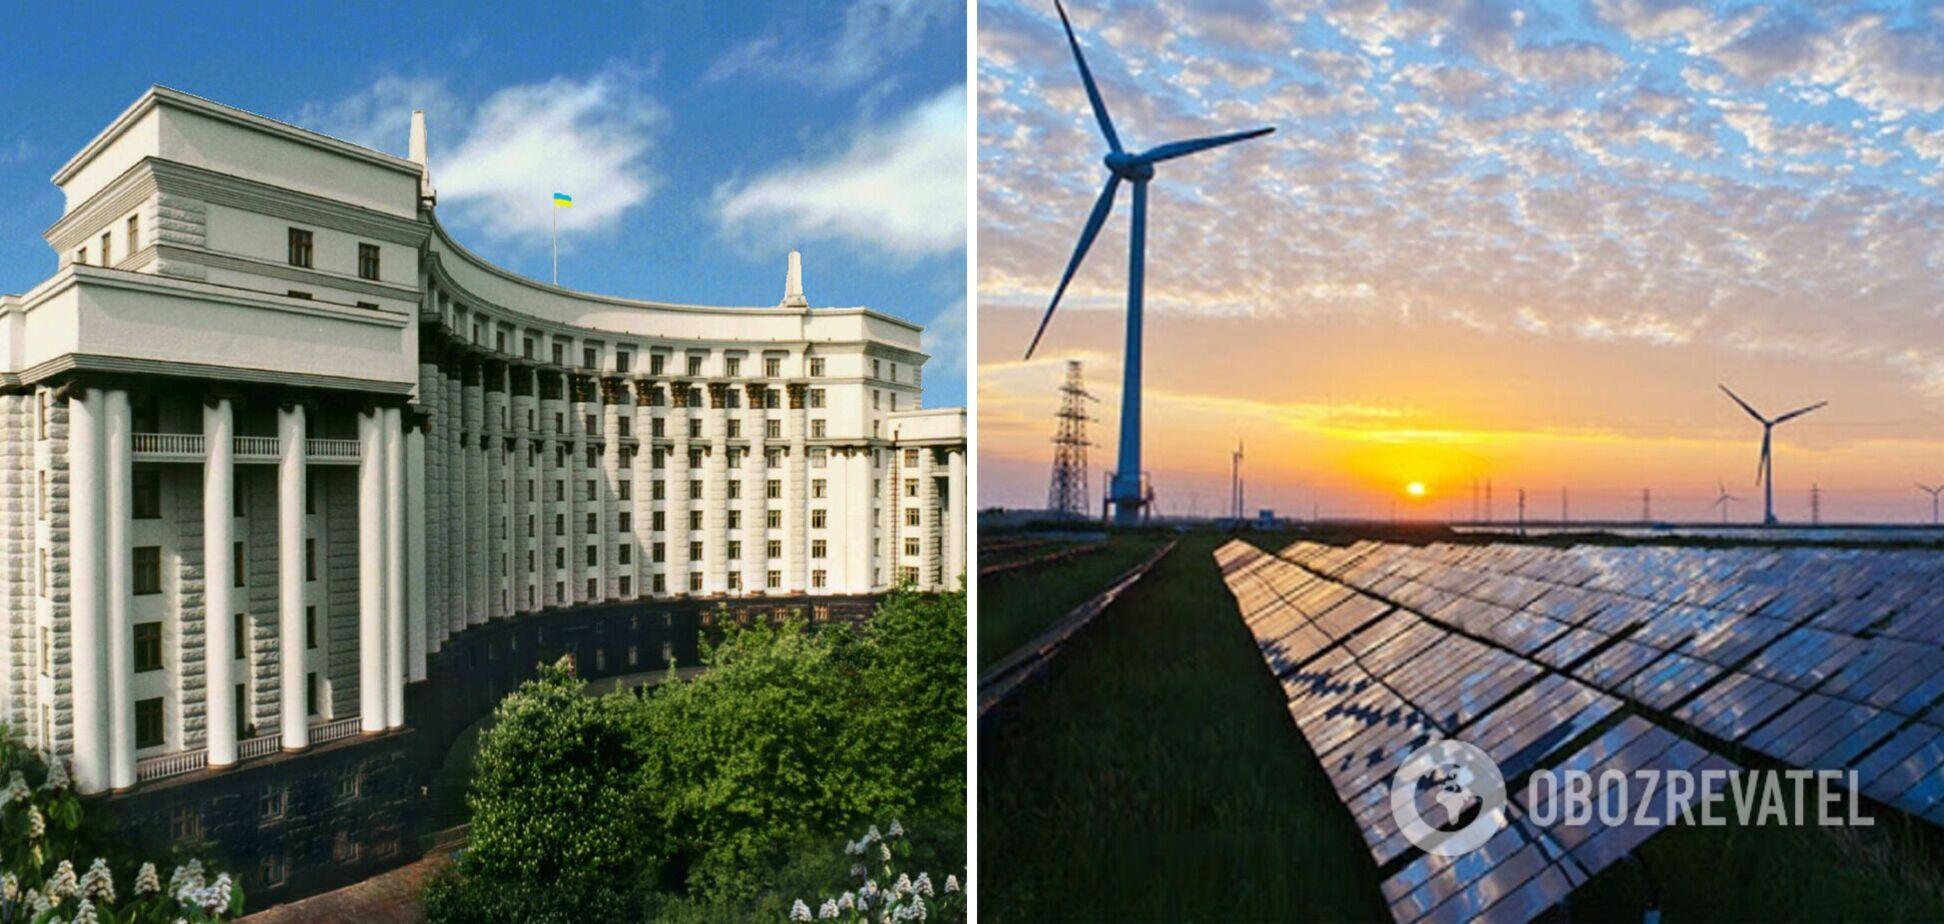 Через акциз на електроенергію з відновлюваних джерел інвестори можуть відмовитися від України